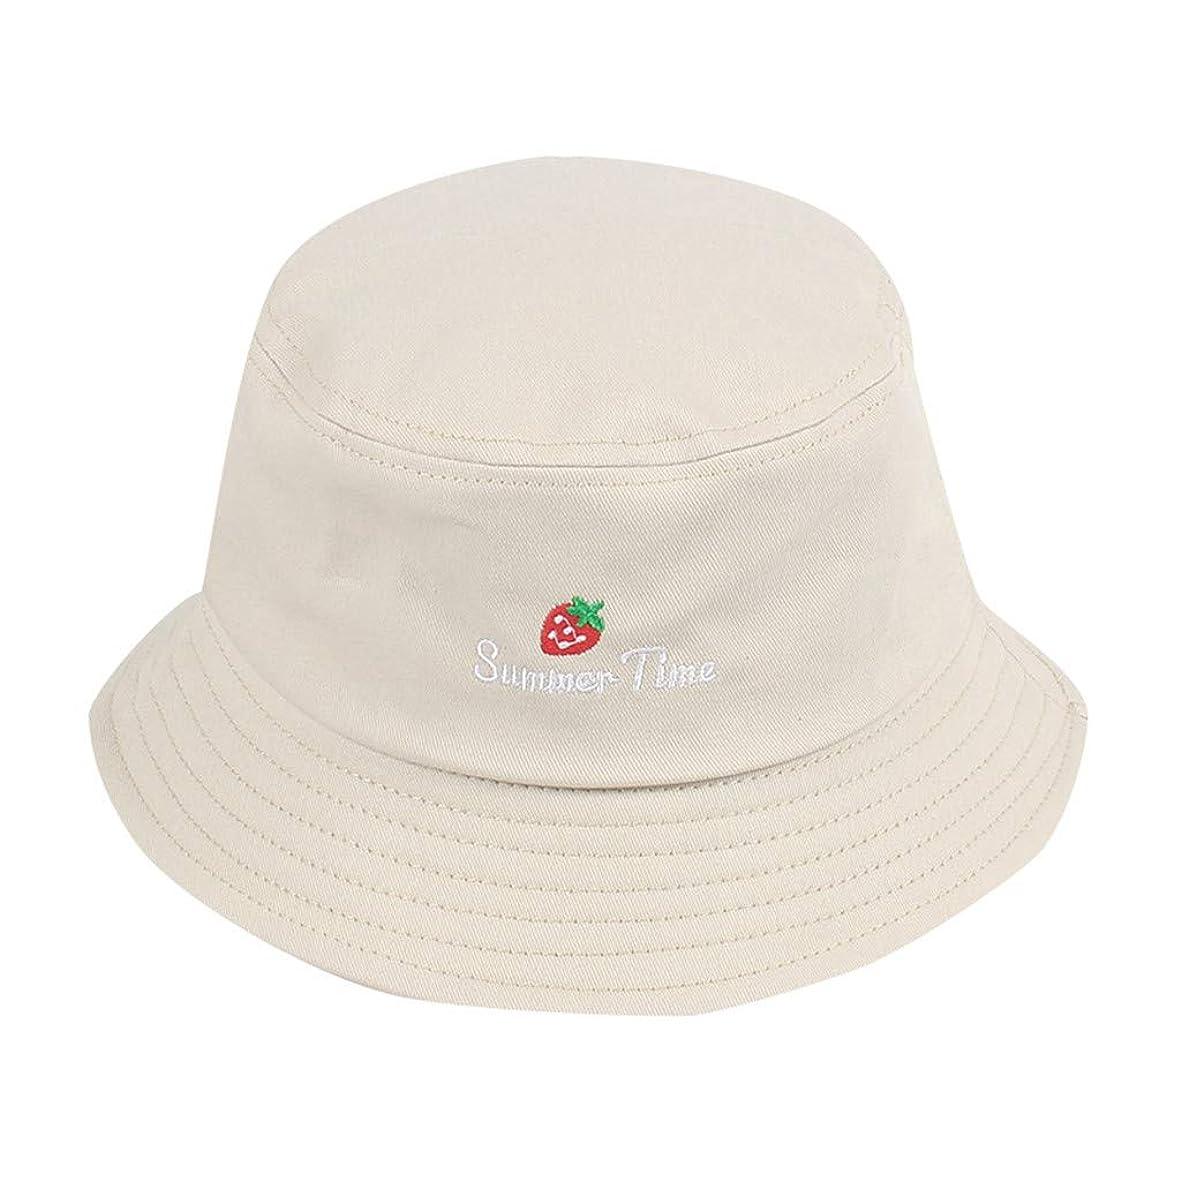 操作法的ほとんどない帽子 夏 発送 漁師の帽子 レディース ハットラップ 森ガール かわいい 吸汗通気 女優帽 日よけ UVカット 帽子 ハット レディース 棉 日よけ つば広 紫外線対策 小顔効果抜群 刺繍 いちご ROSE ROMAN